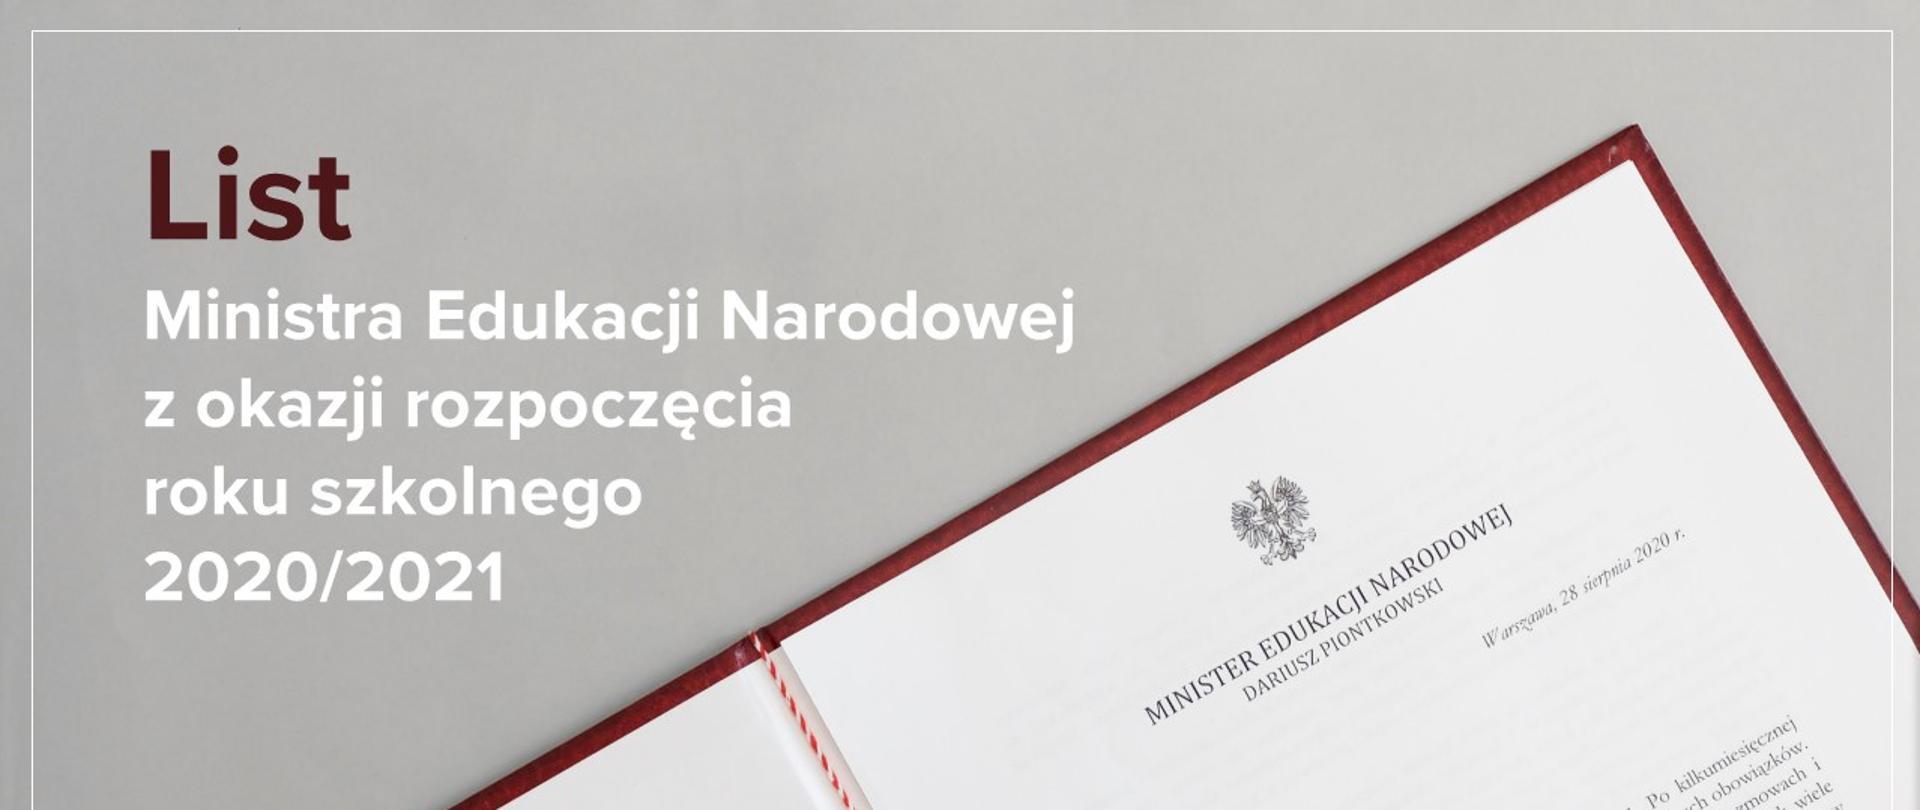 """Zdjęcie listu ministra i tekst """"List Ministra Edukacji Narodowej z okazji rozpoczęcia roku szkolnego 2020/2021"""""""